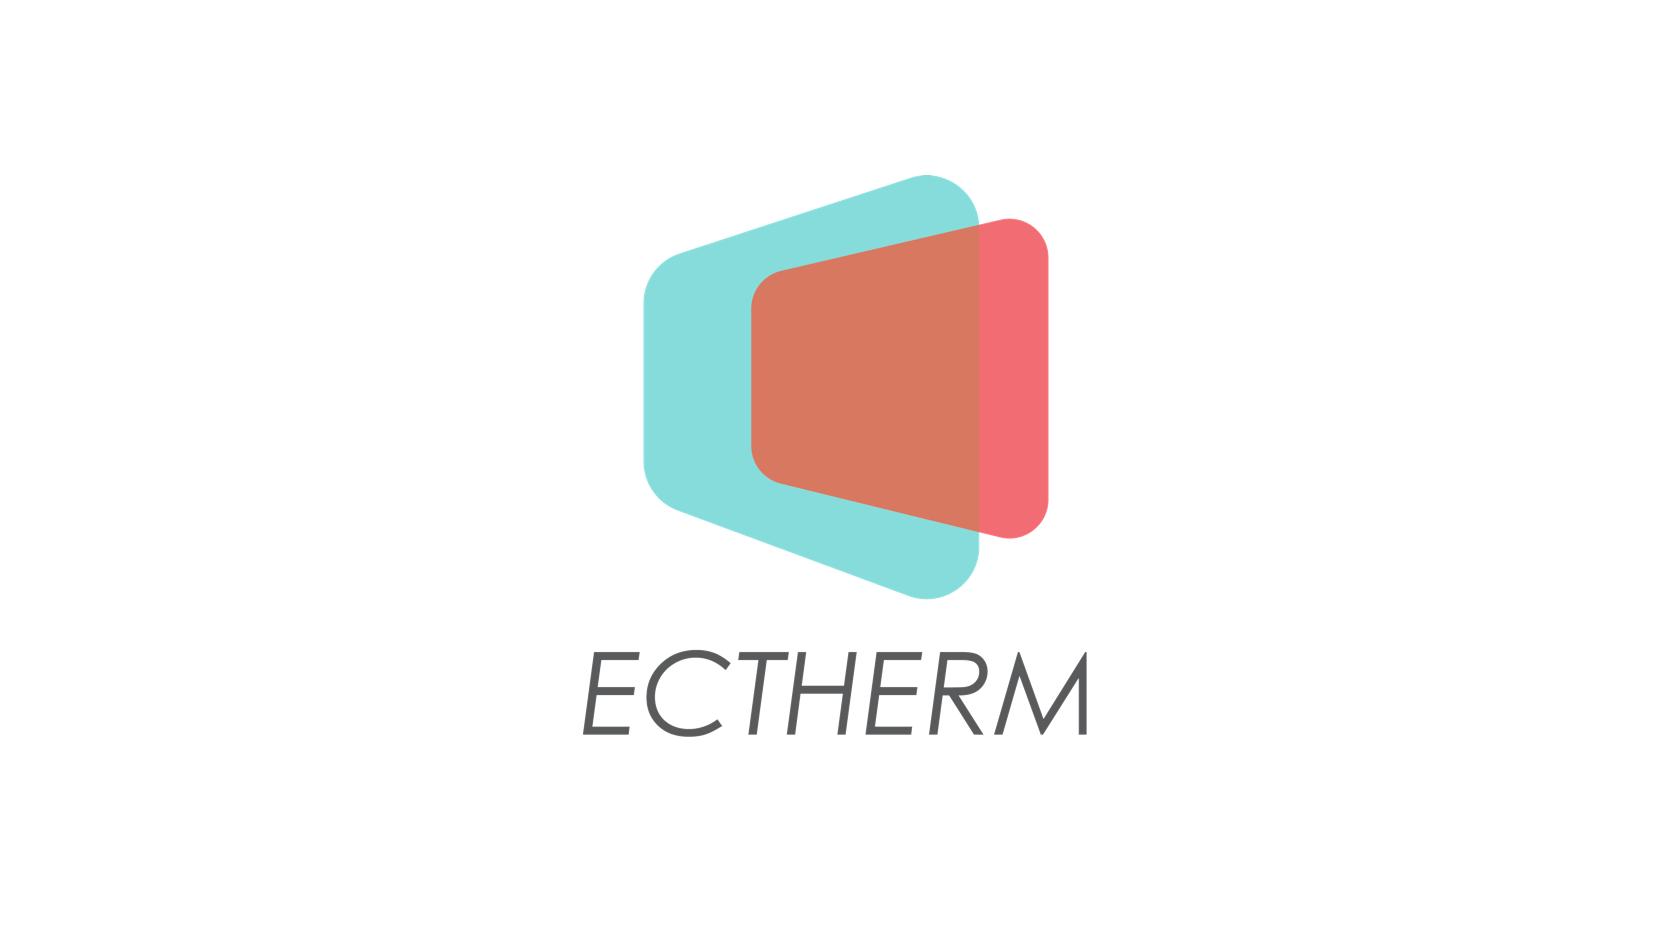 www.ectherm.com